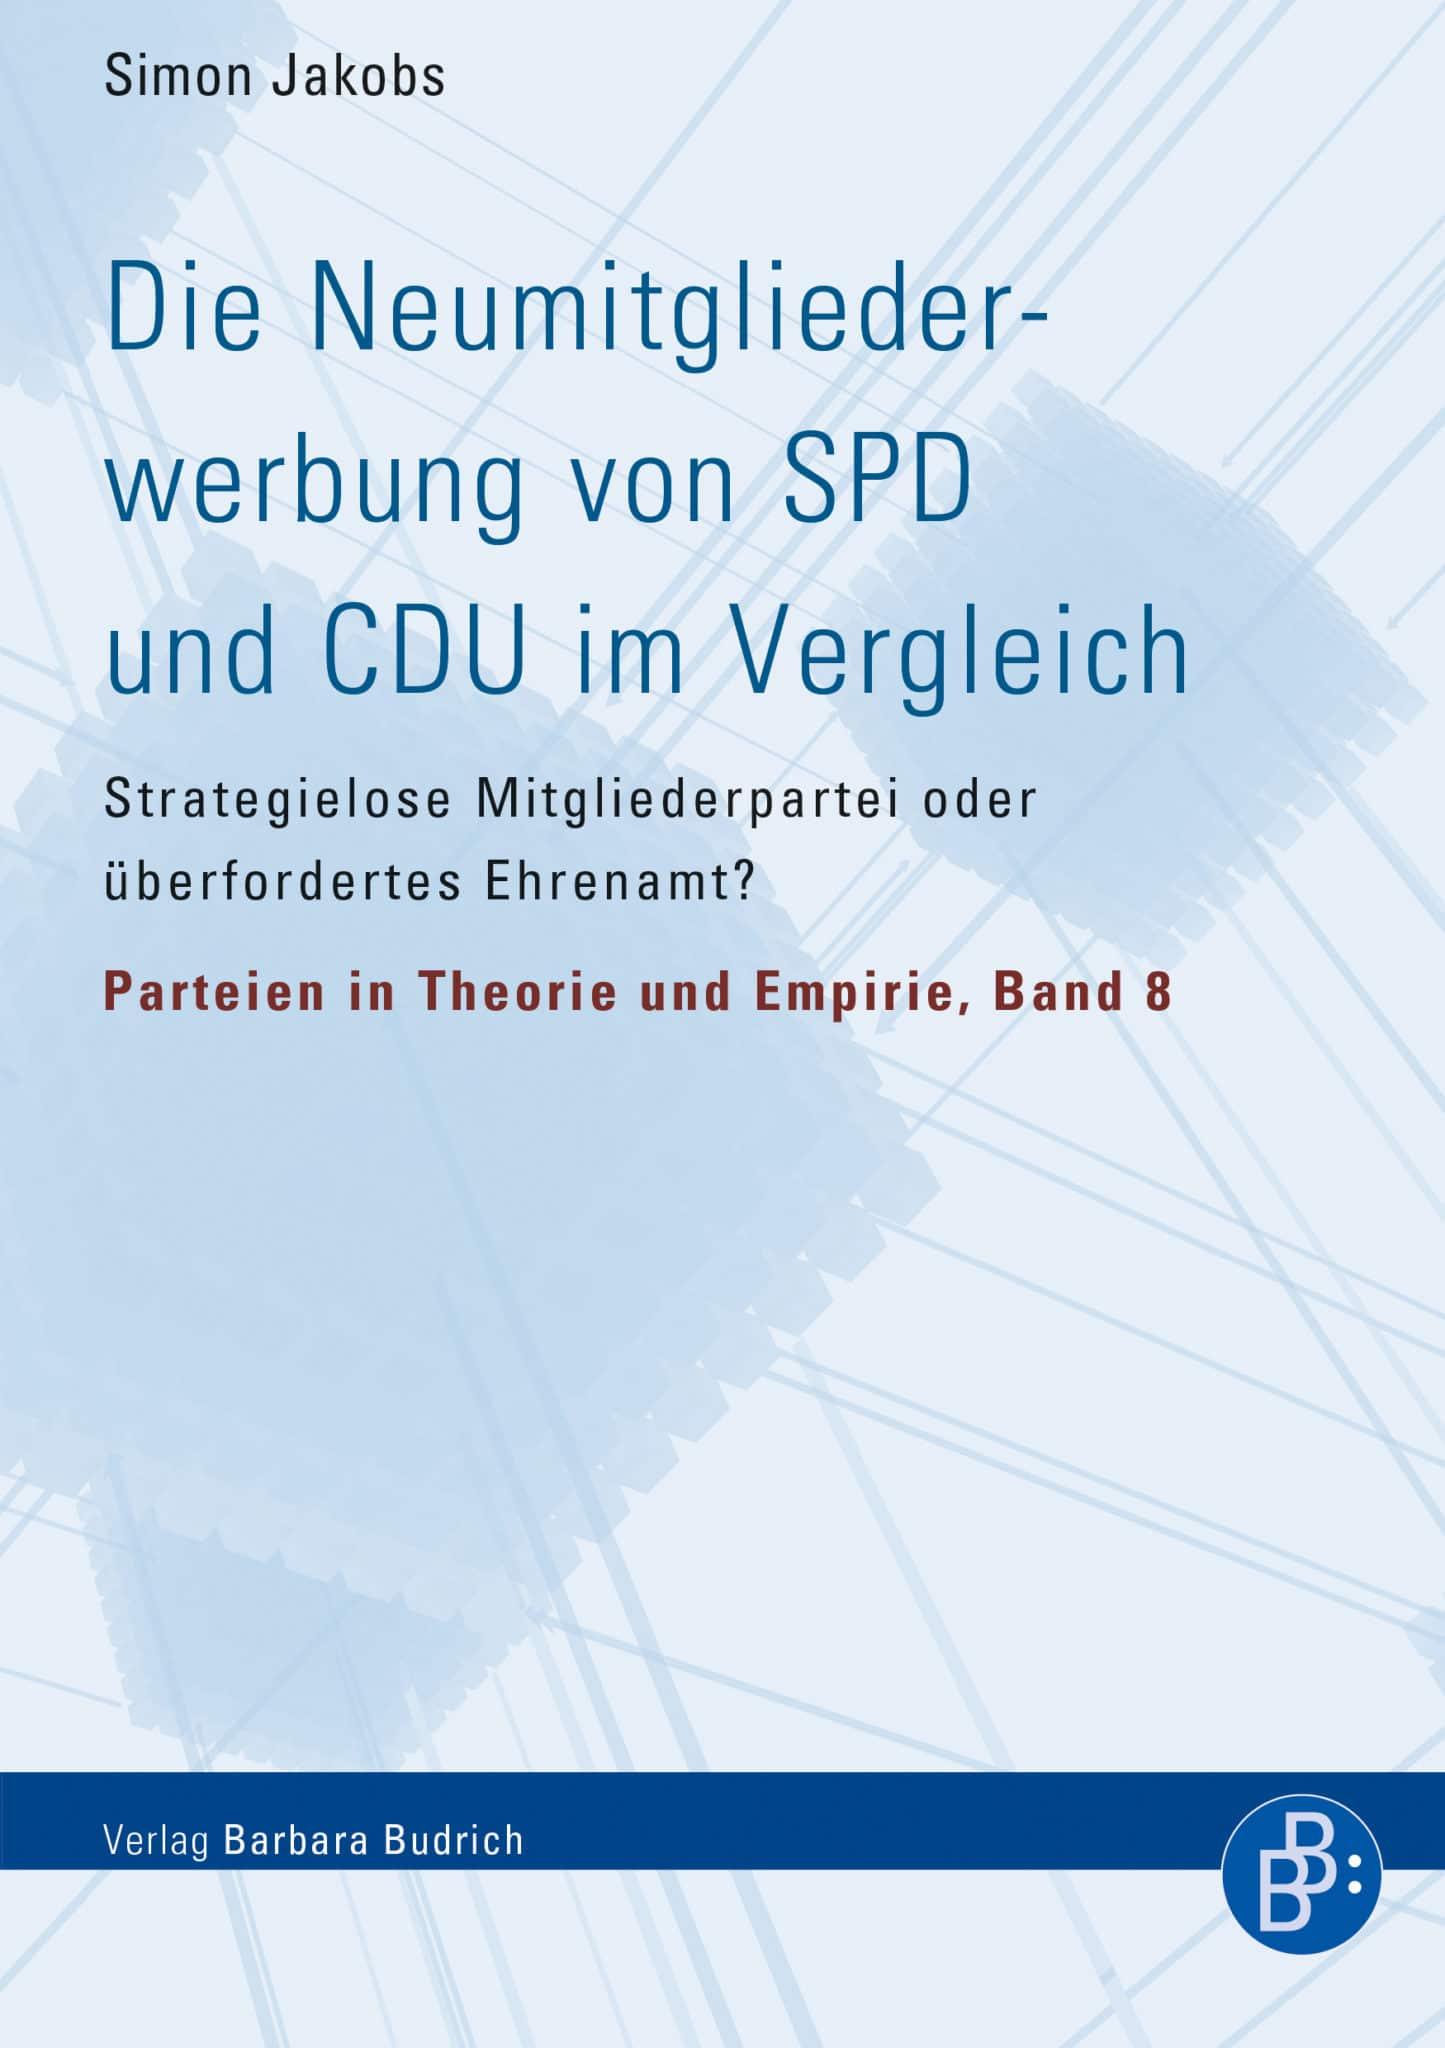 Jakobs, Simon: Die Neumitgliederwerbung von SPD und CDU im Vergleich. Strategielose Mitgliederpartei oder überfordertes Ehrenamt?. Verlag Barbara Budrich.